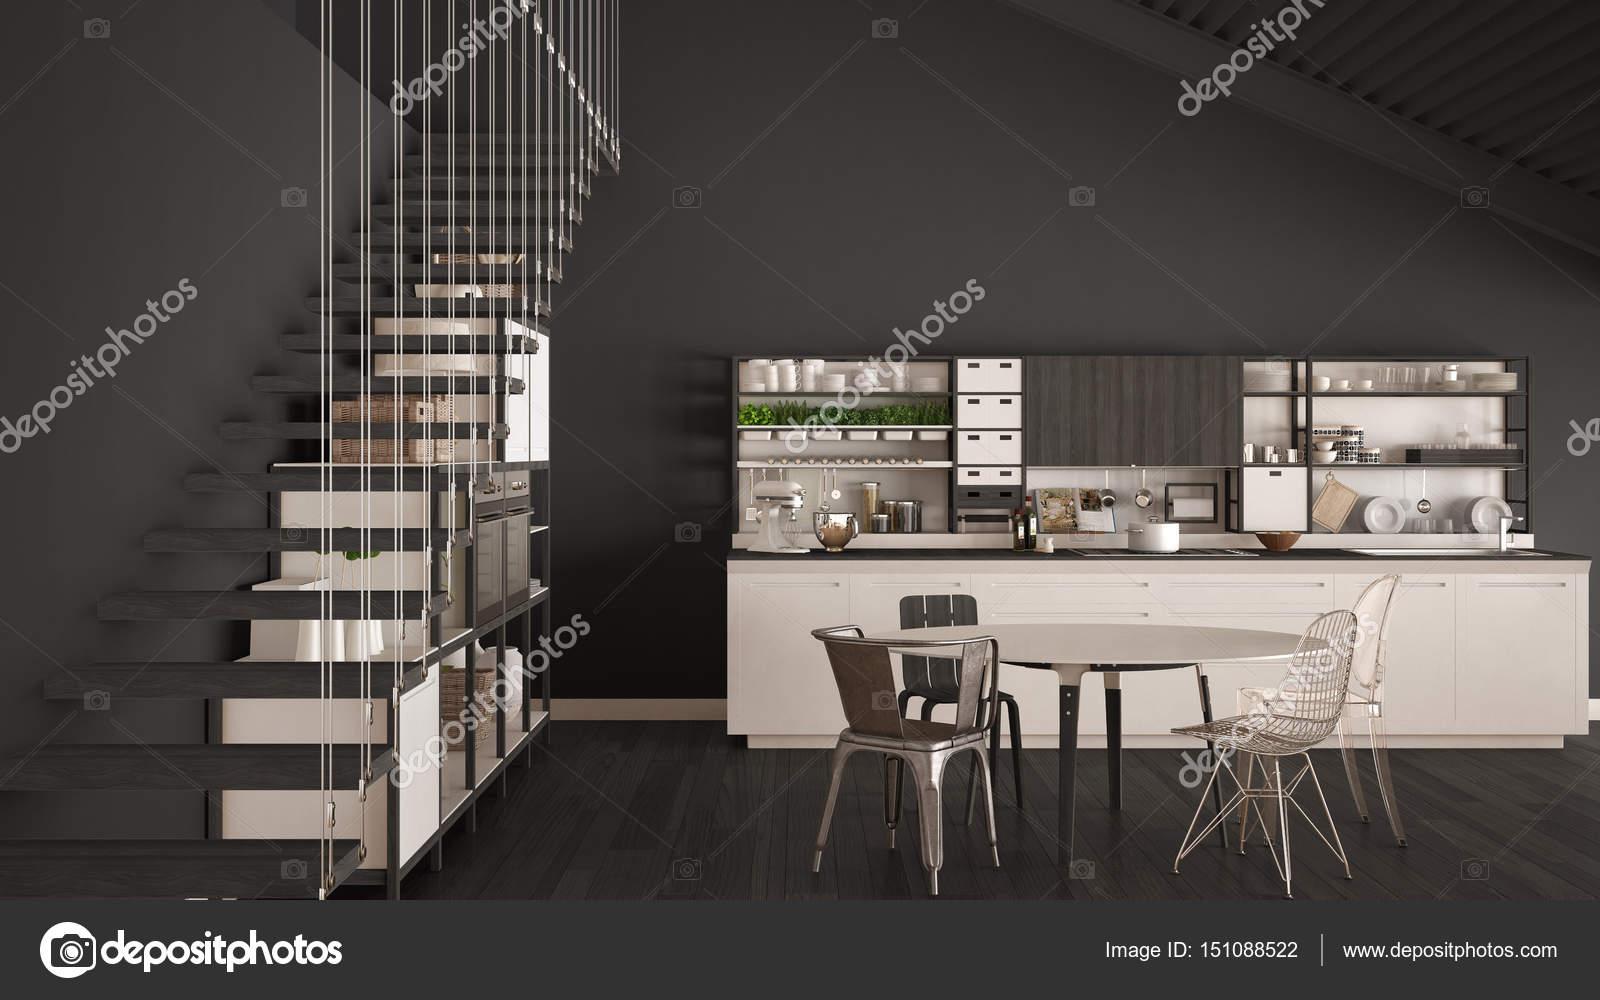 Cuisine Minimaliste Blanc Et Gris En Bois, Mezzanine Avec Escalier, Clasu2013  Images De Stock Libres De Droits